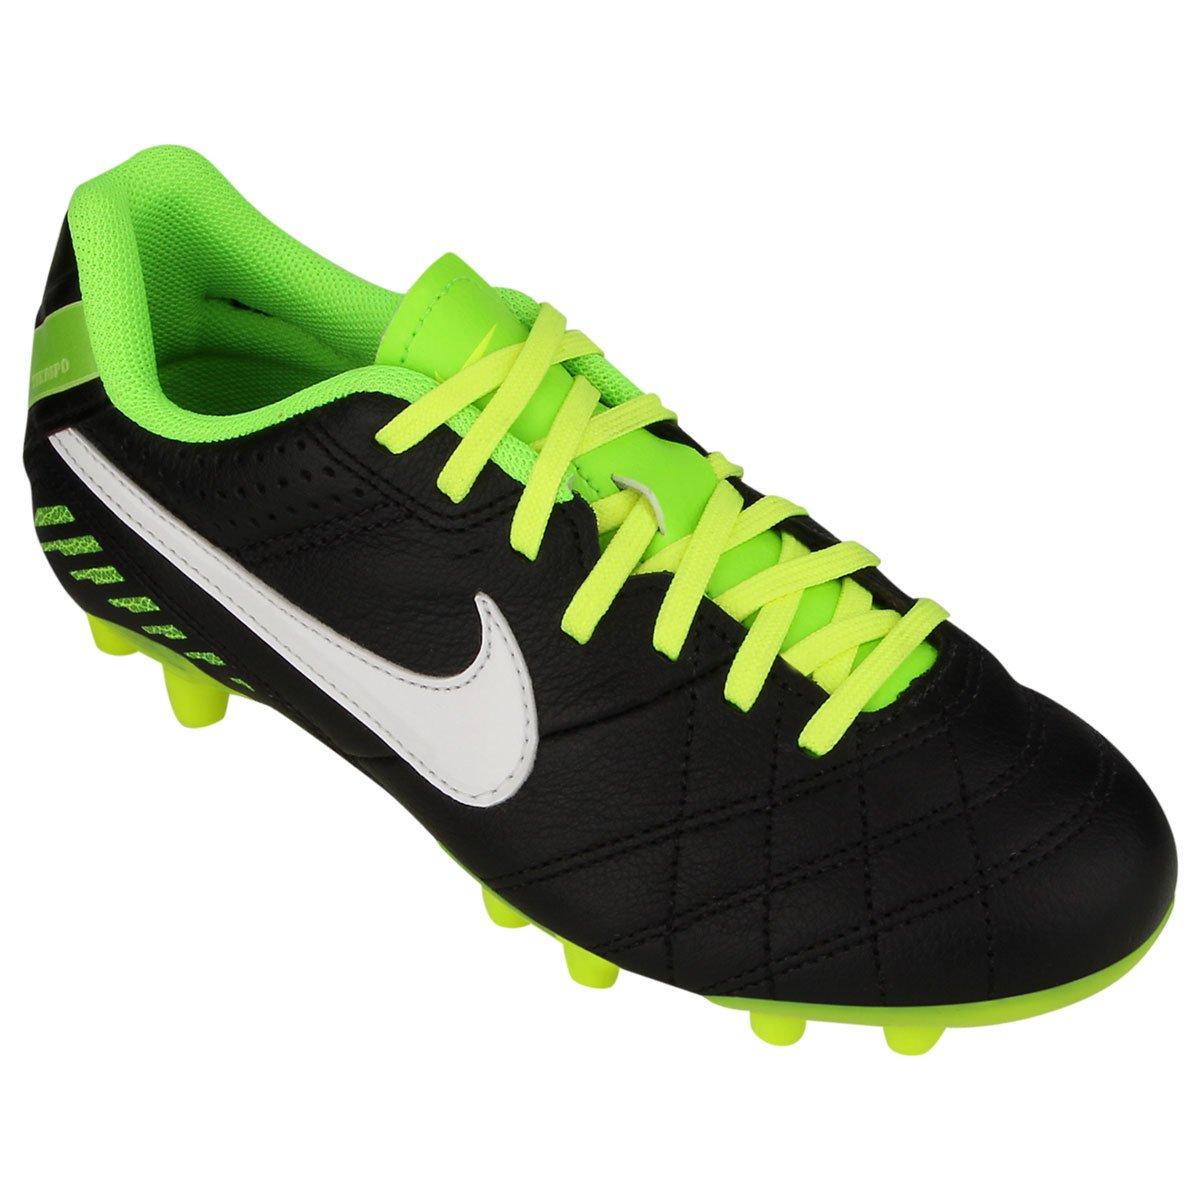 Chuteira Nike Tiempo Natural 4 LTHR FG Infantil - Compre Agora ... 6781353eca2a7